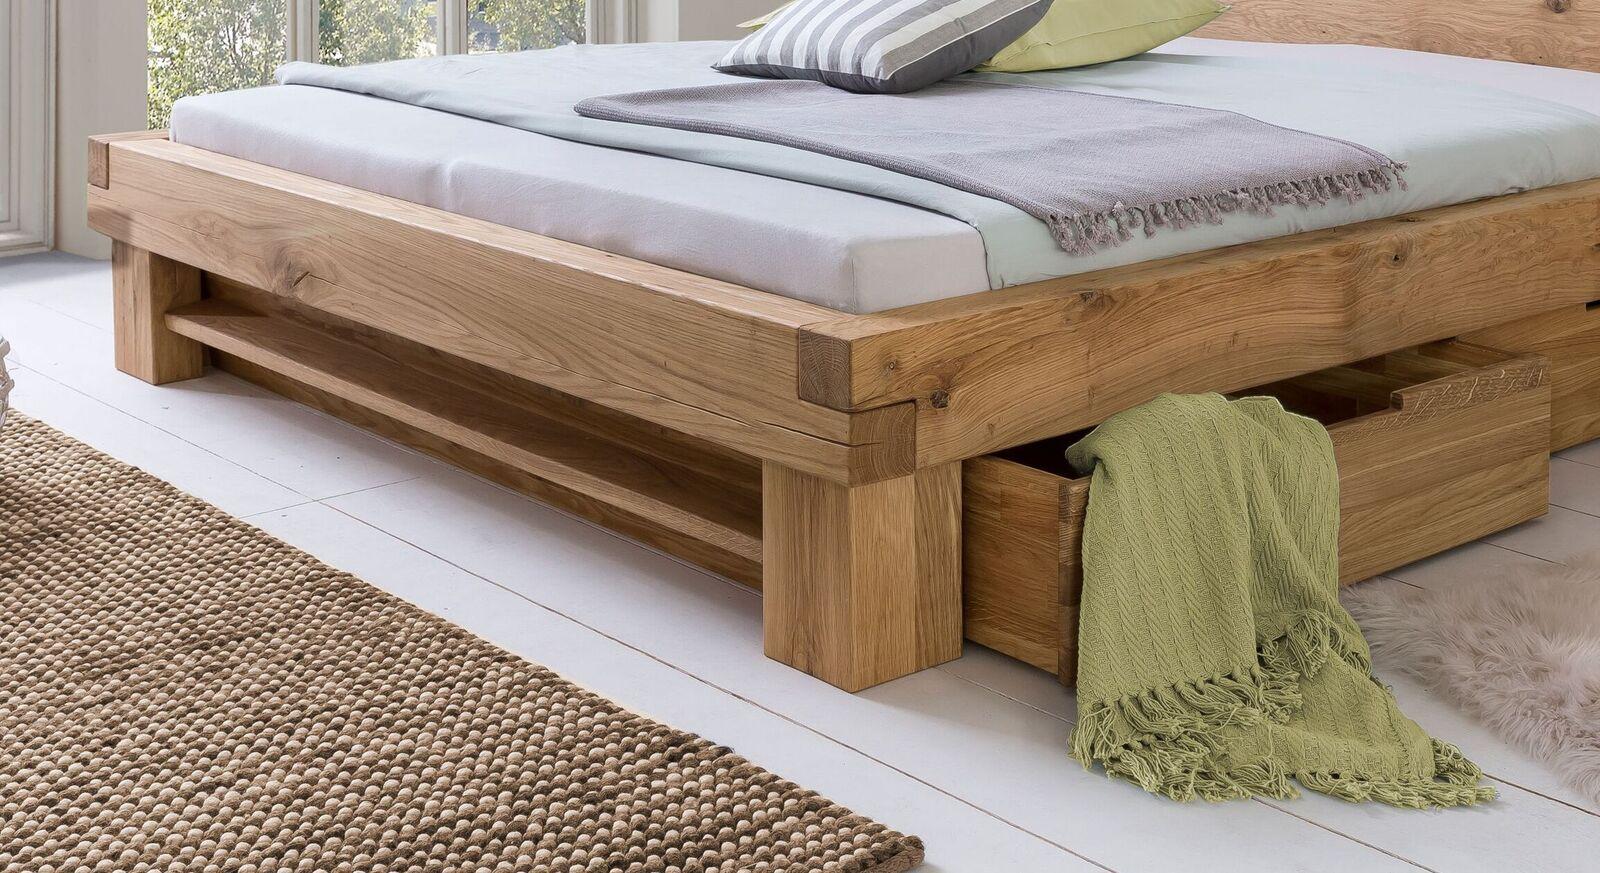 Schubkasten-Bett Tomba mit Blendenregal inklusive Ablagefach